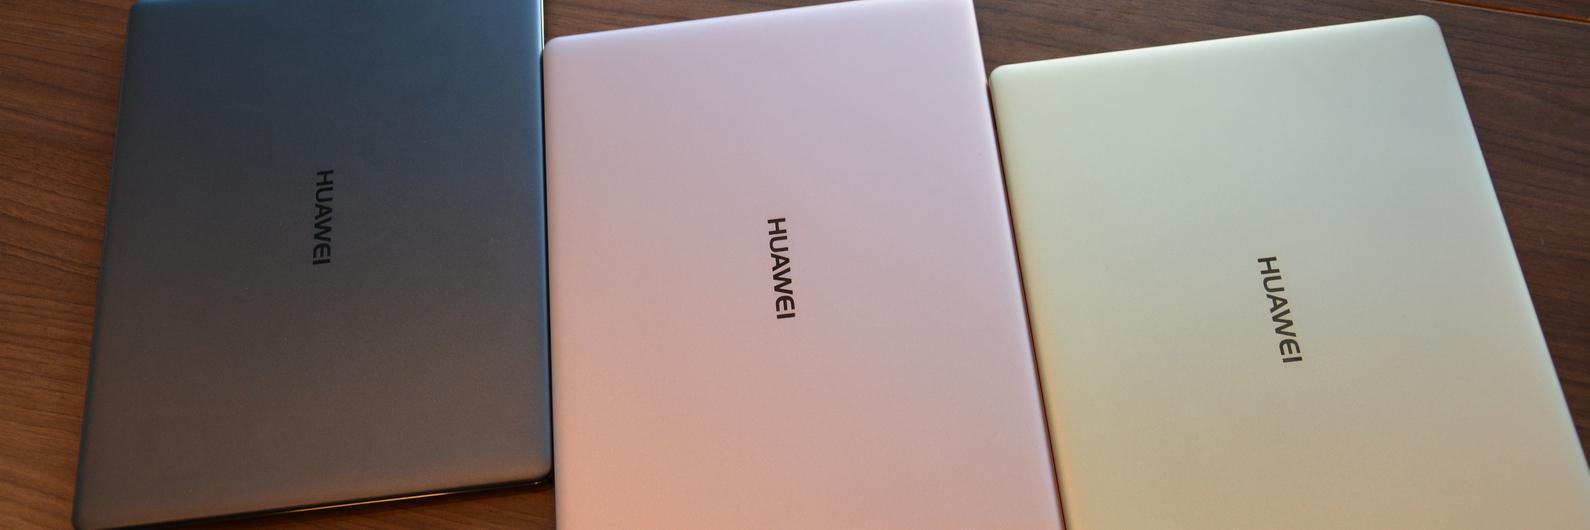 Huawei ataca o segmento dos ultraportáteis com os novos Matebook E, X e D